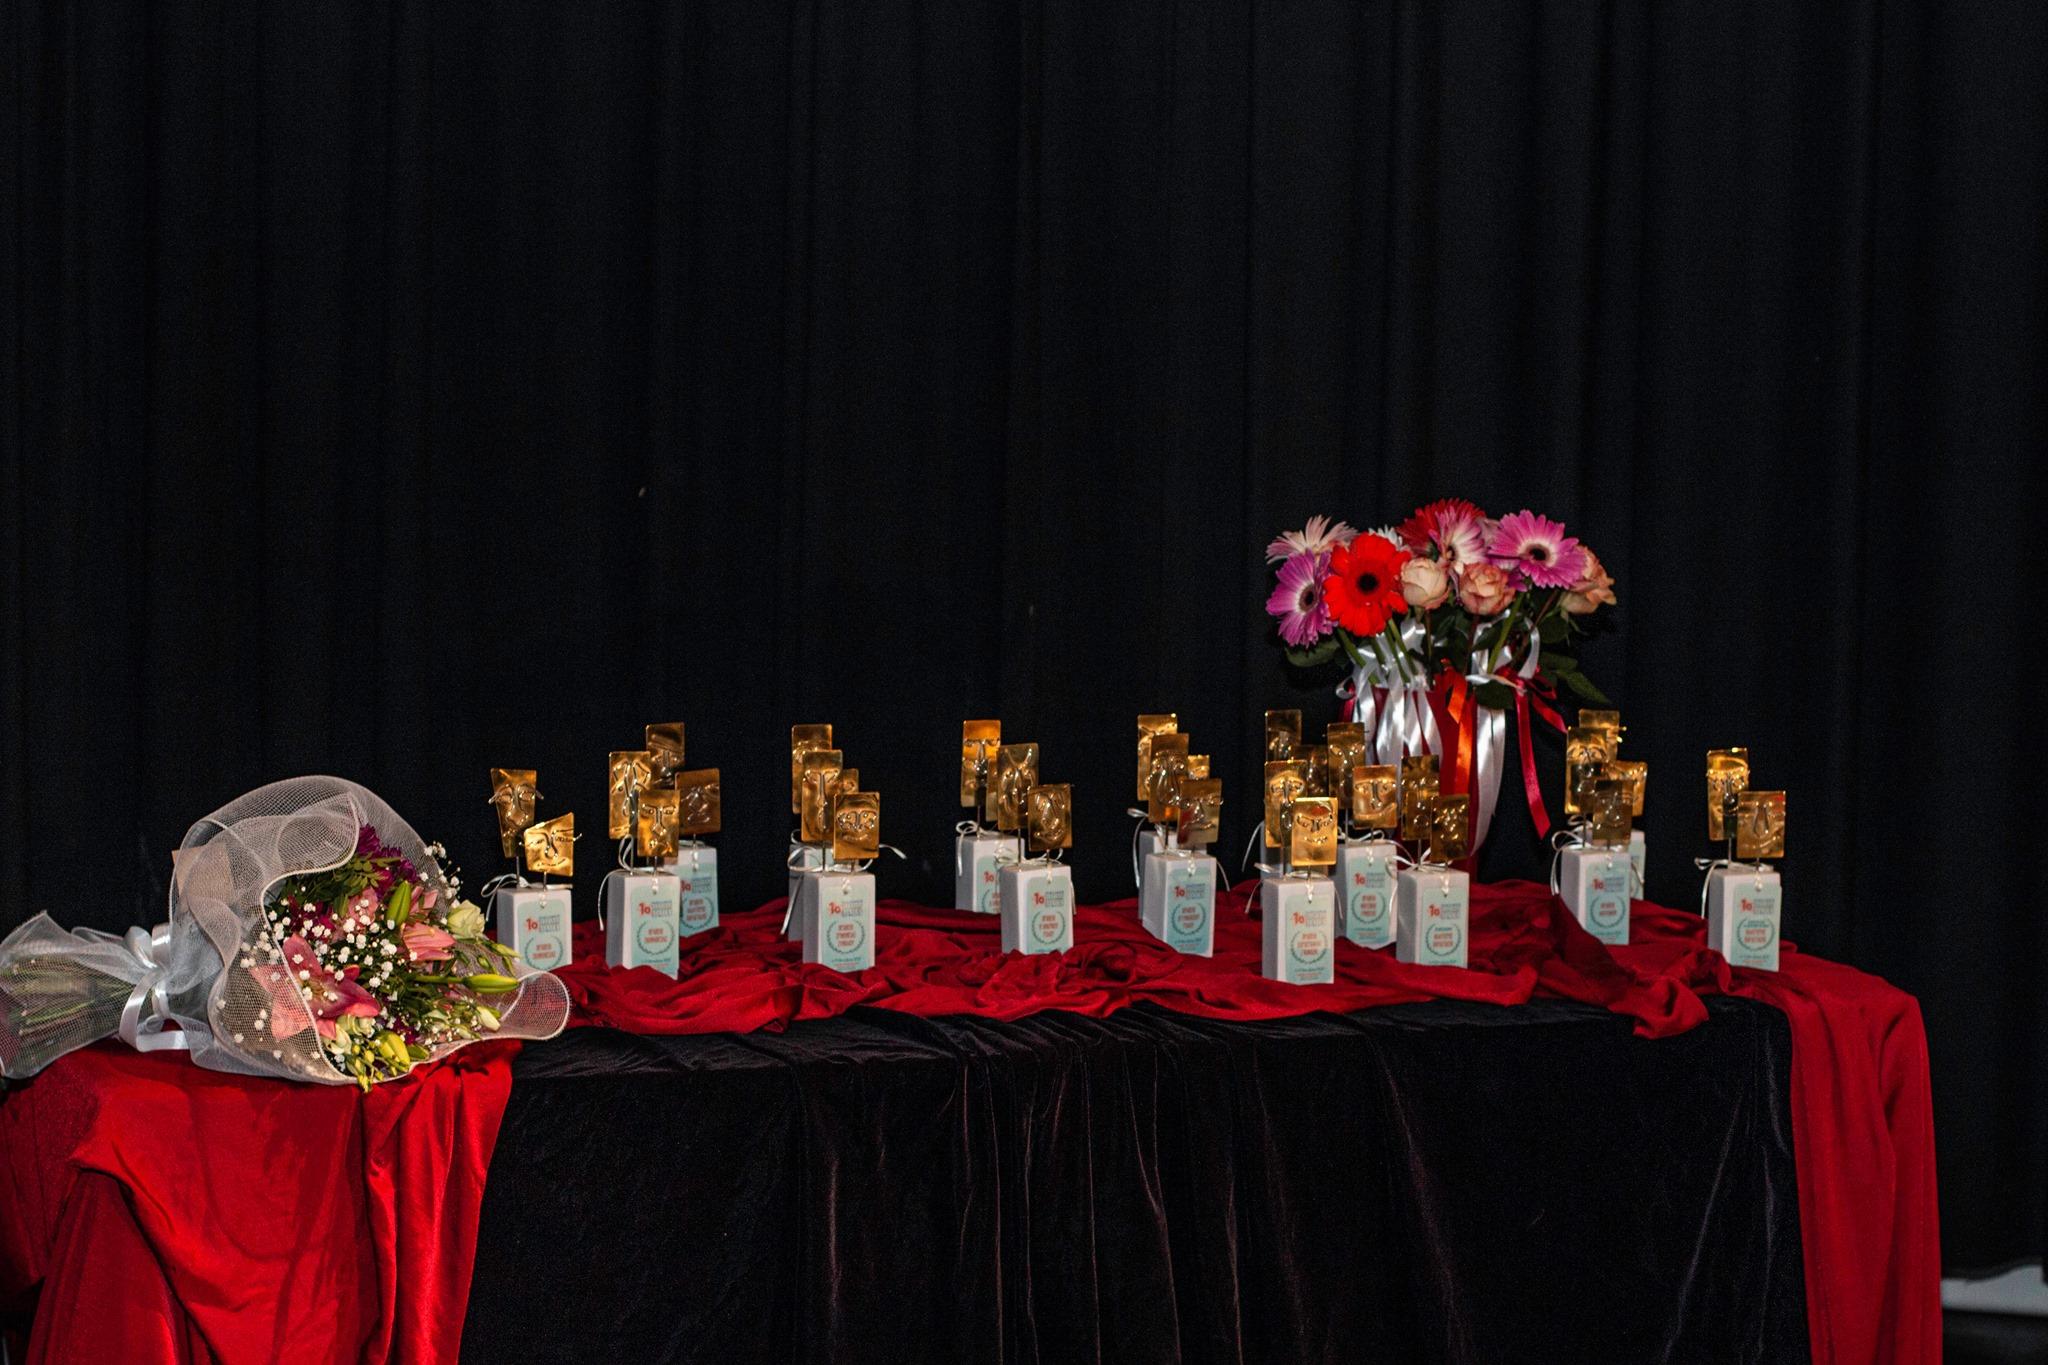 Τα βραβεία του Φεστιβάλ Θεάτρου Θερμαϊκού-Που απονεμήθηκαν